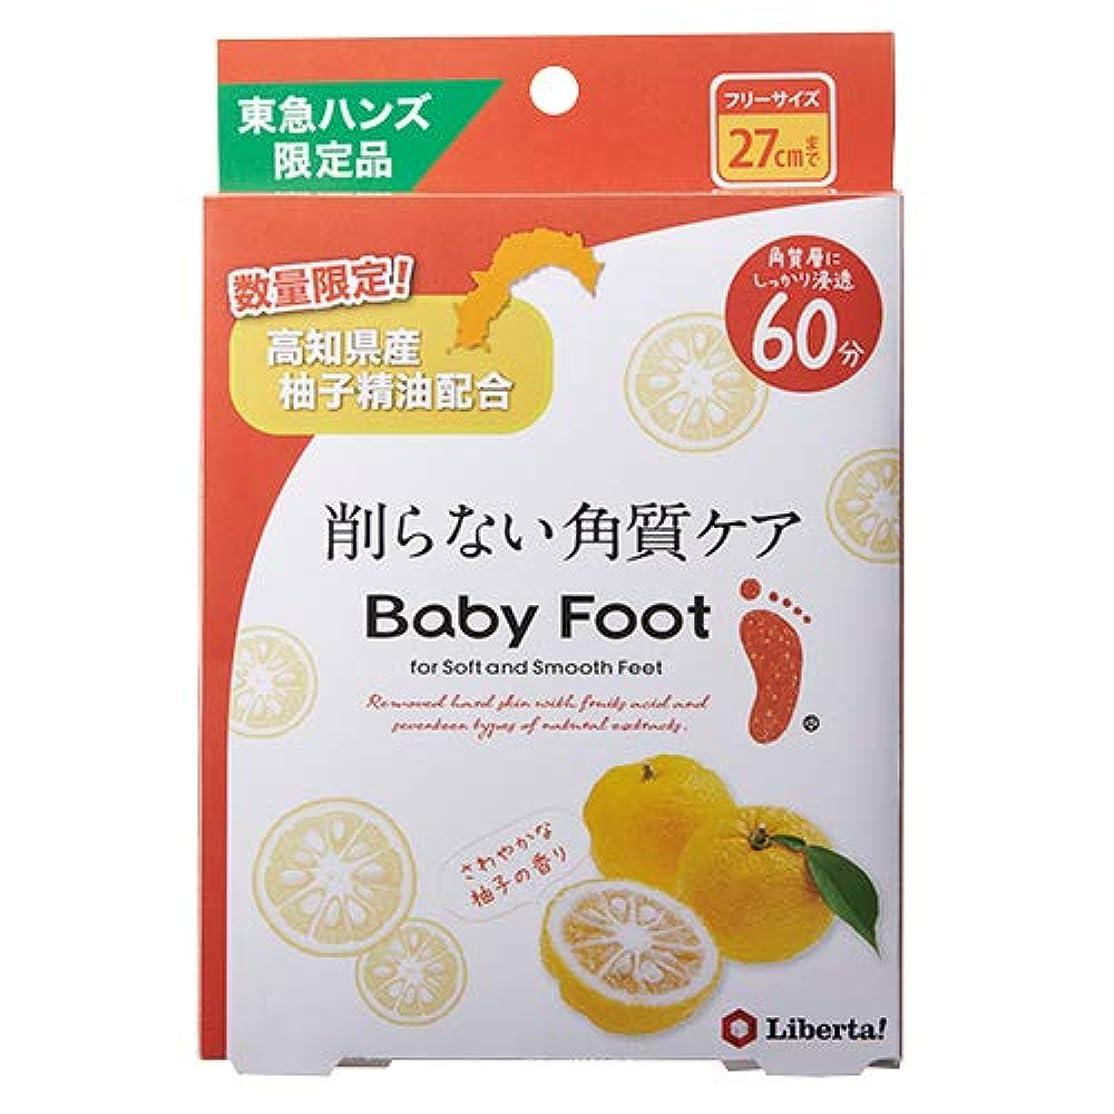 責任ブレース保護する【お買い得】ベビーフット イージーパック60分 高知県産柚子の香り 1足分